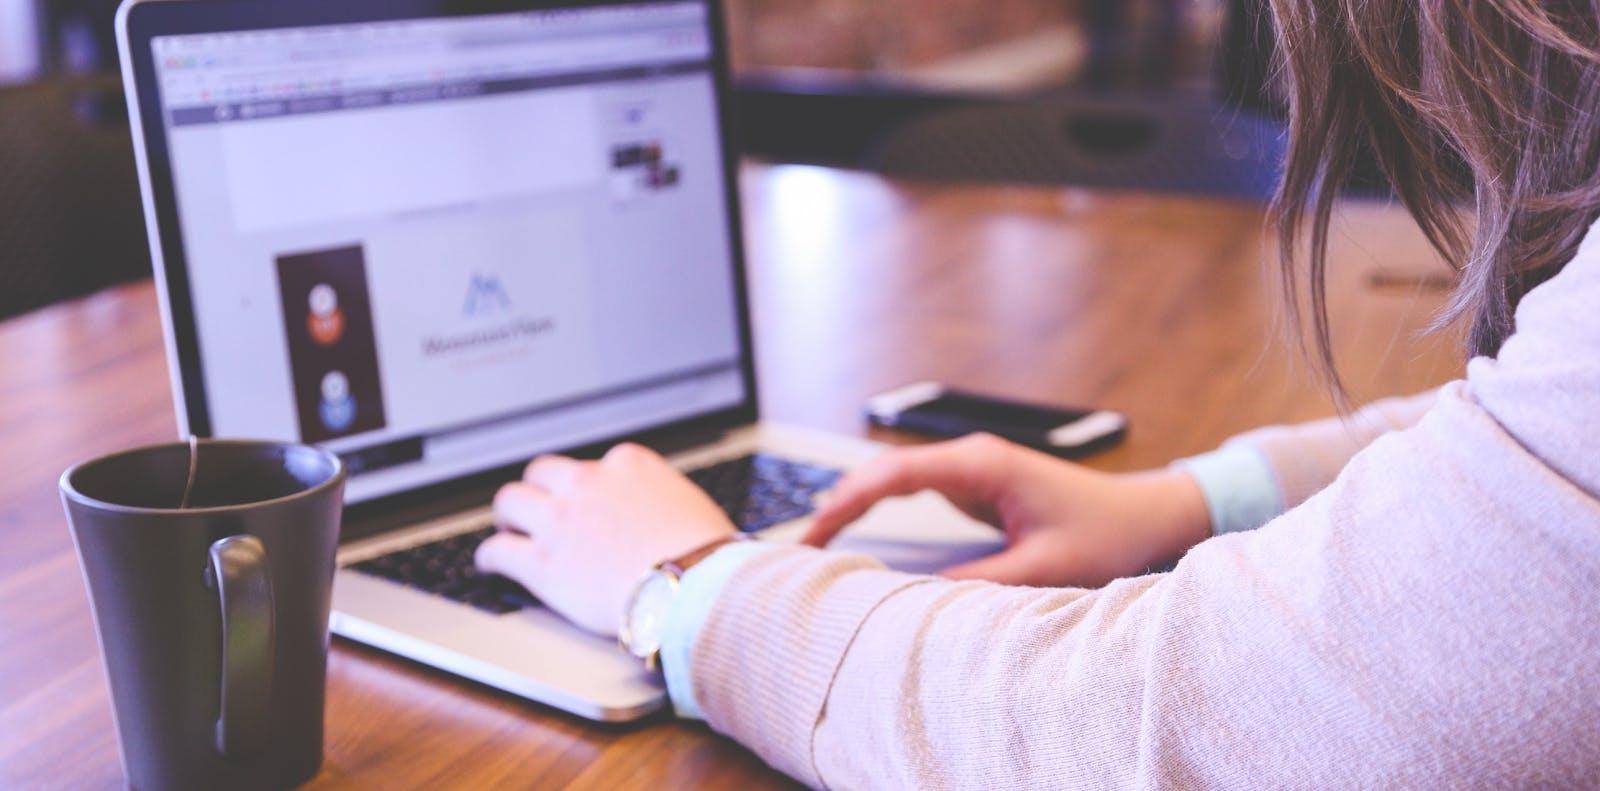 Customer using laptop for online file transfer.